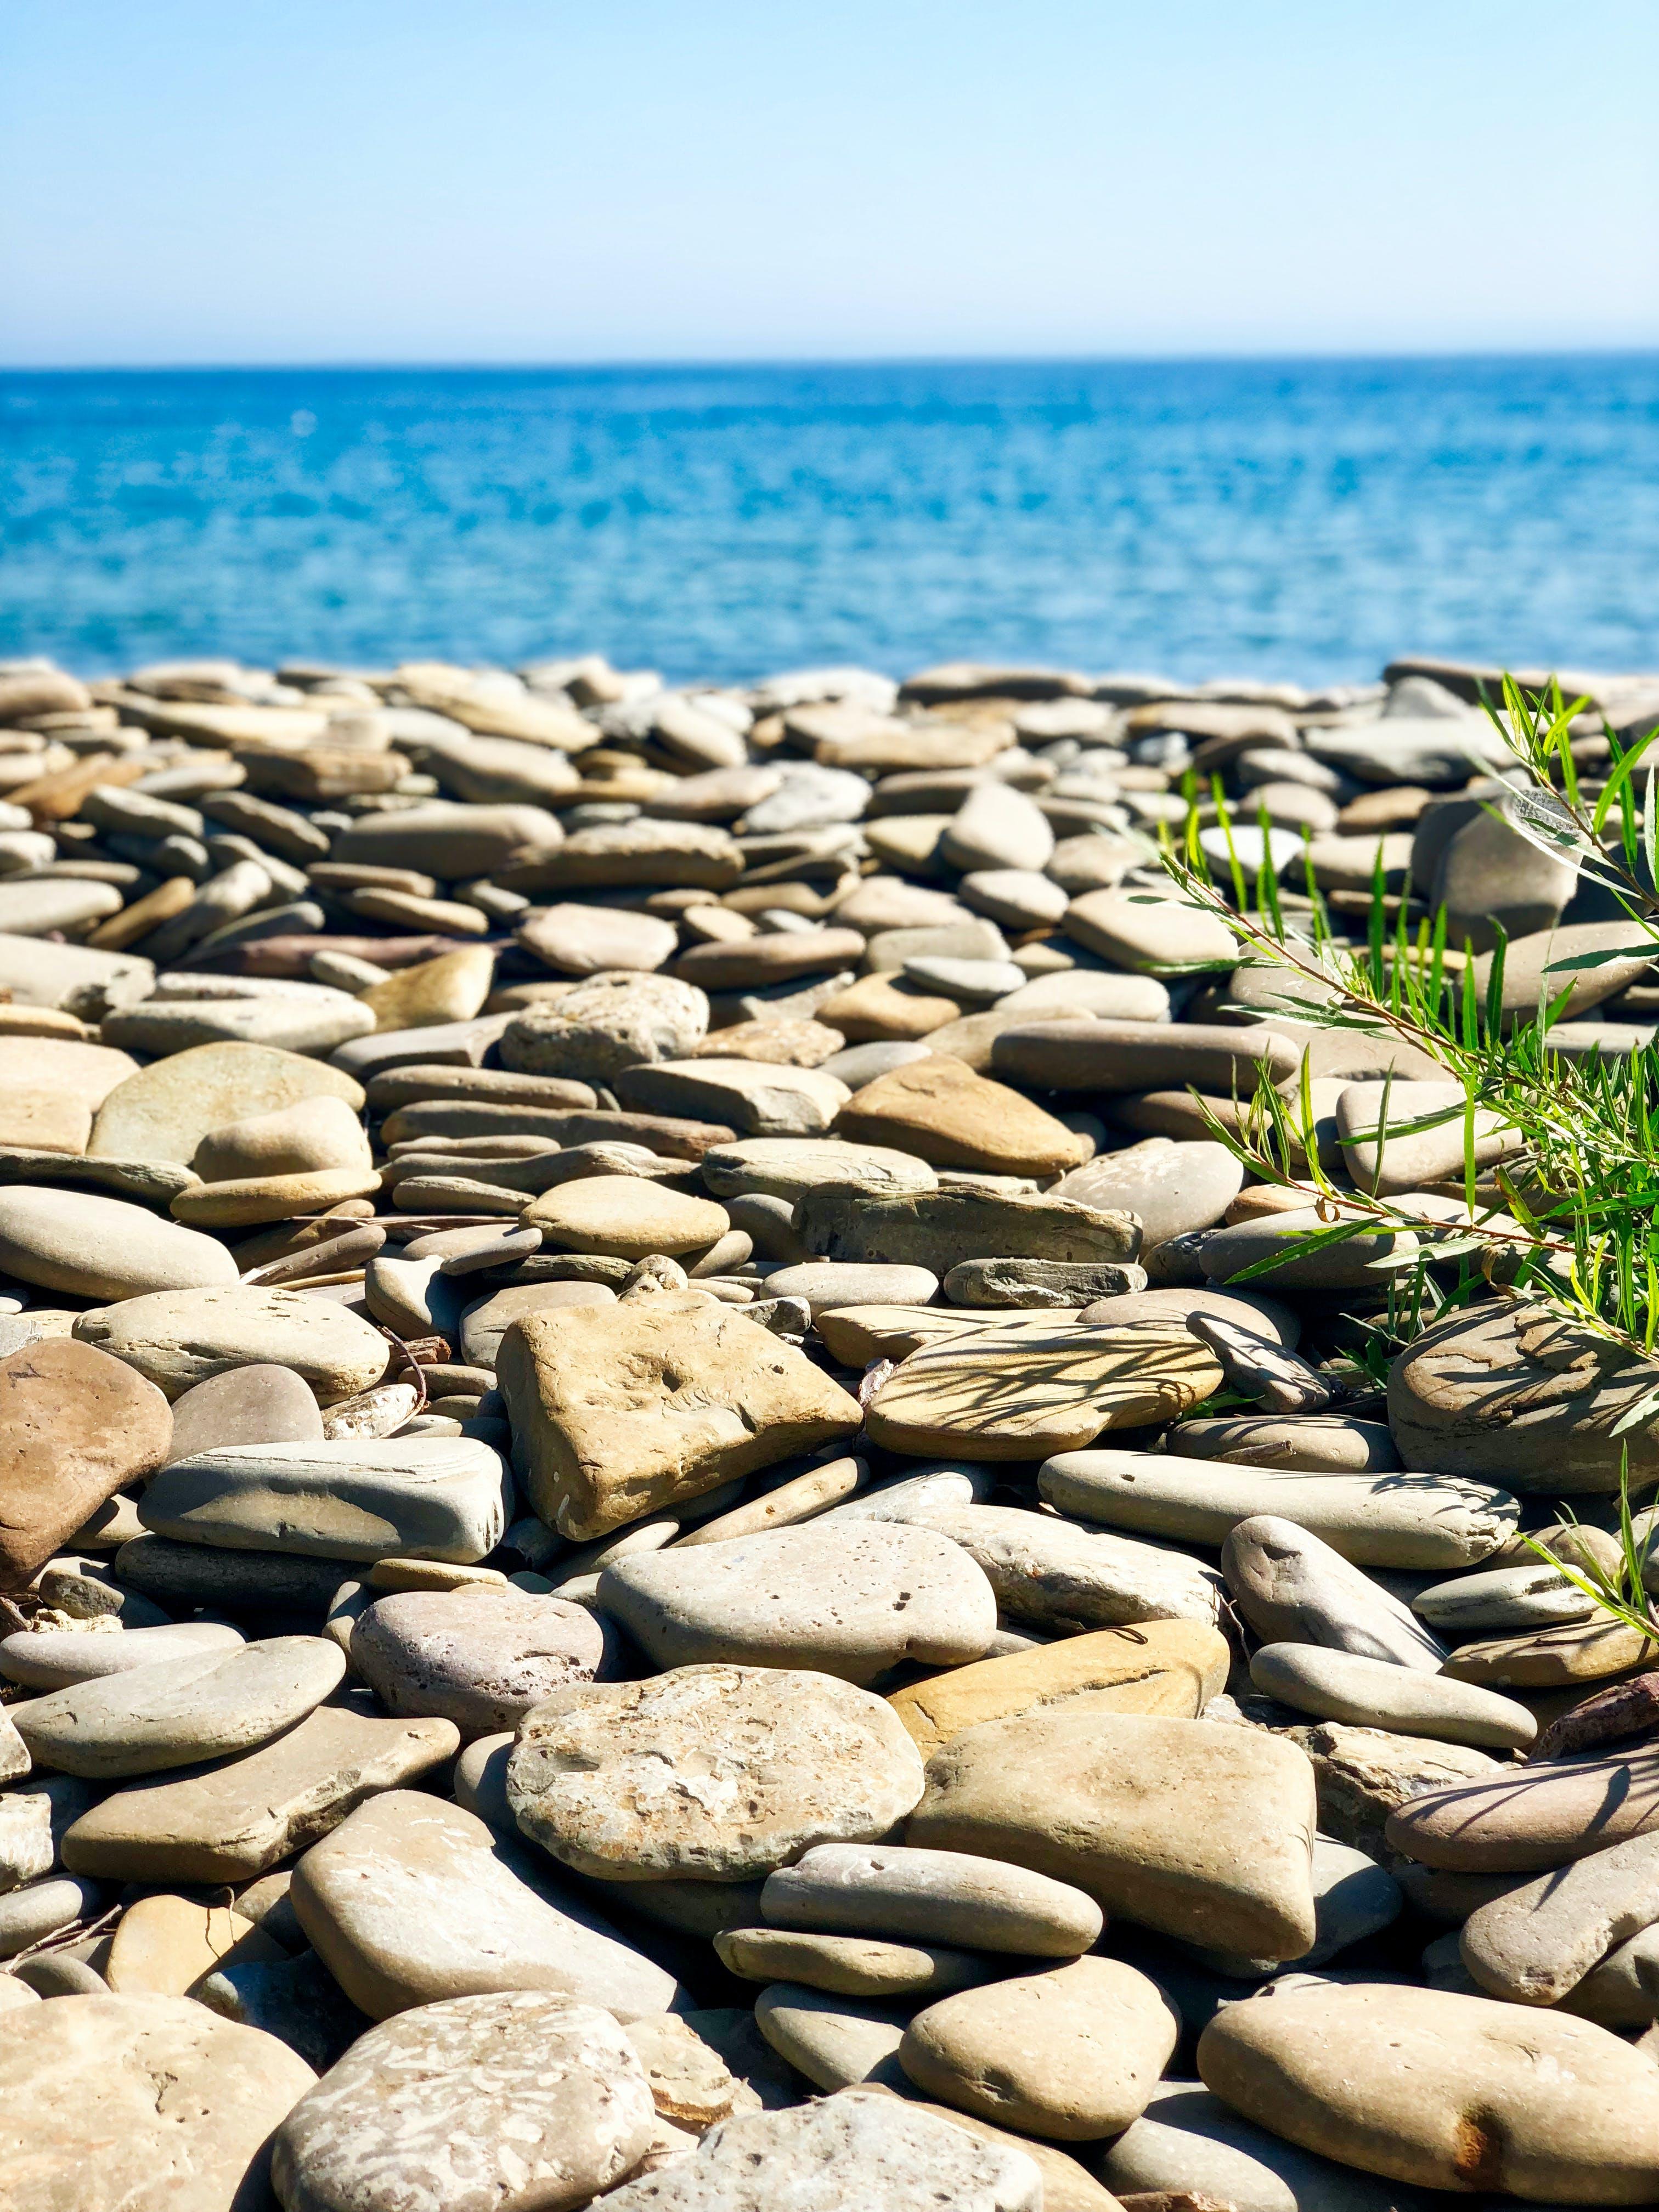 Δωρεάν στοκ φωτογραφιών με βράχια, θάλασσα, νερό, ουρανός